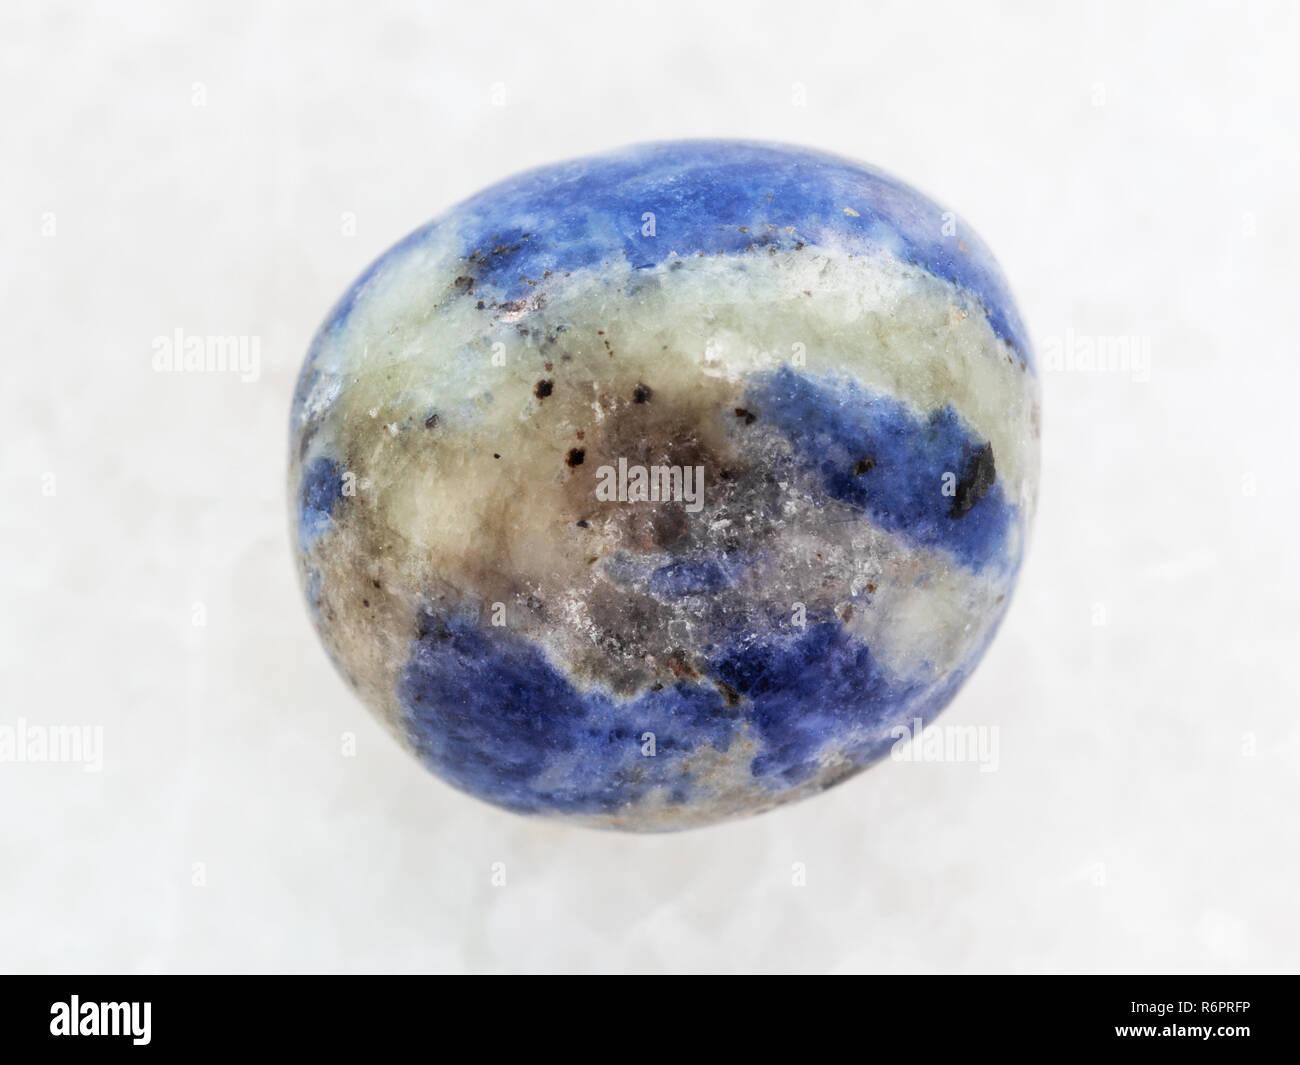 Polished Sodalite Gem Stone On White Marble Stock Photo Alamy